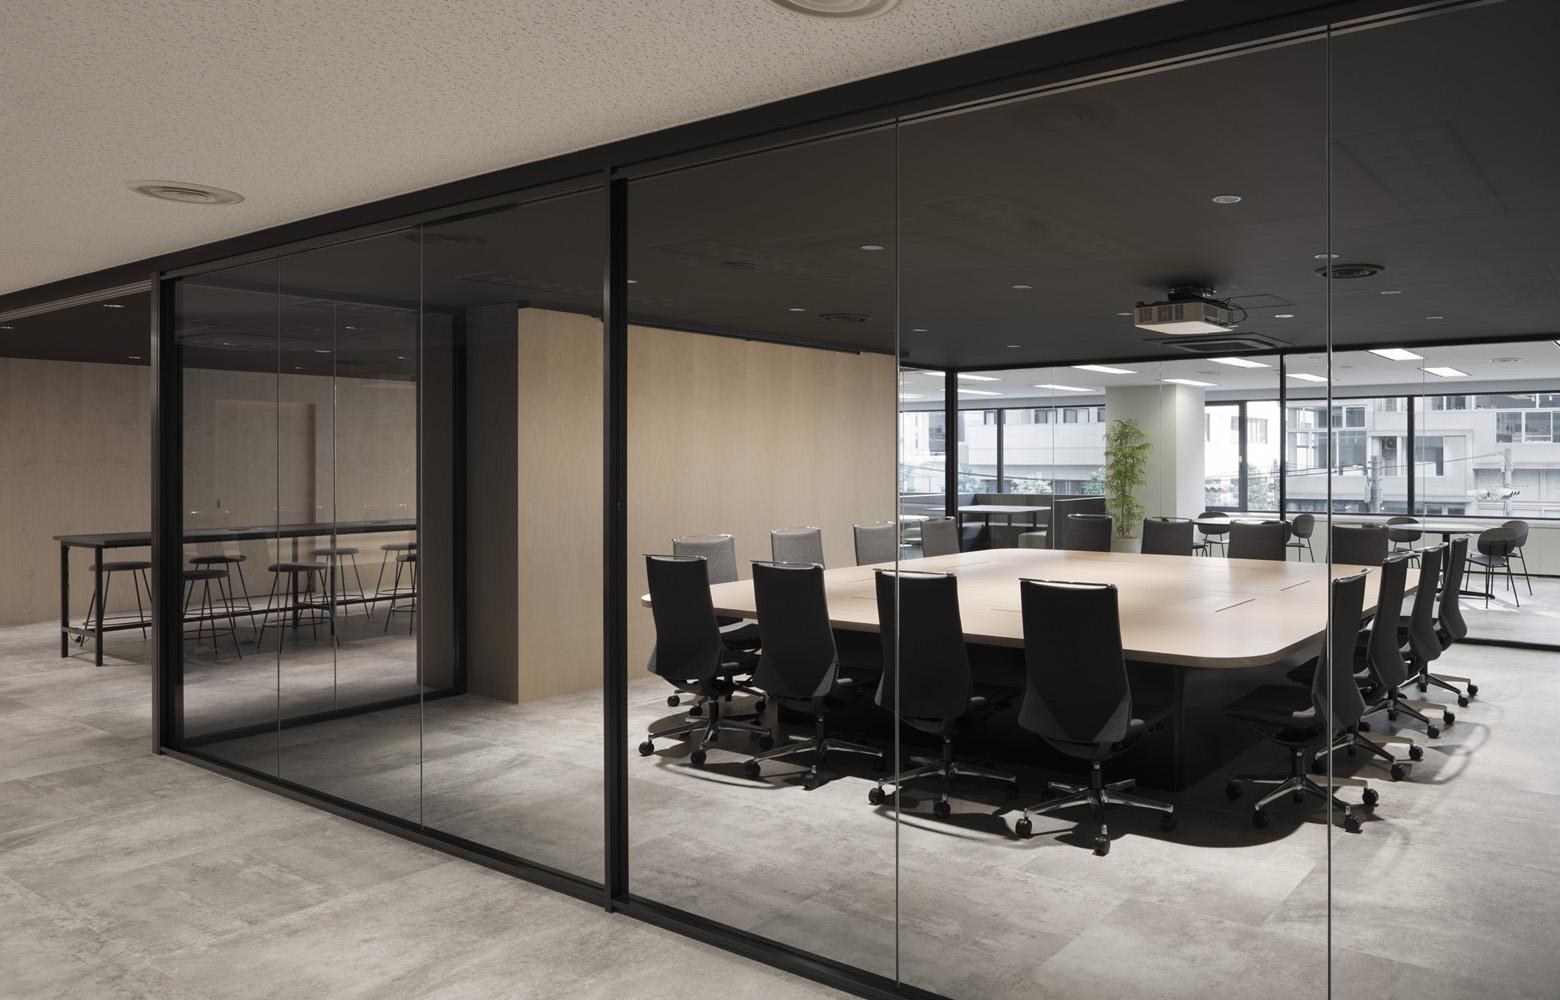 リンクタイズ株式会社 Meeting Room デザイン・レイアウト事例